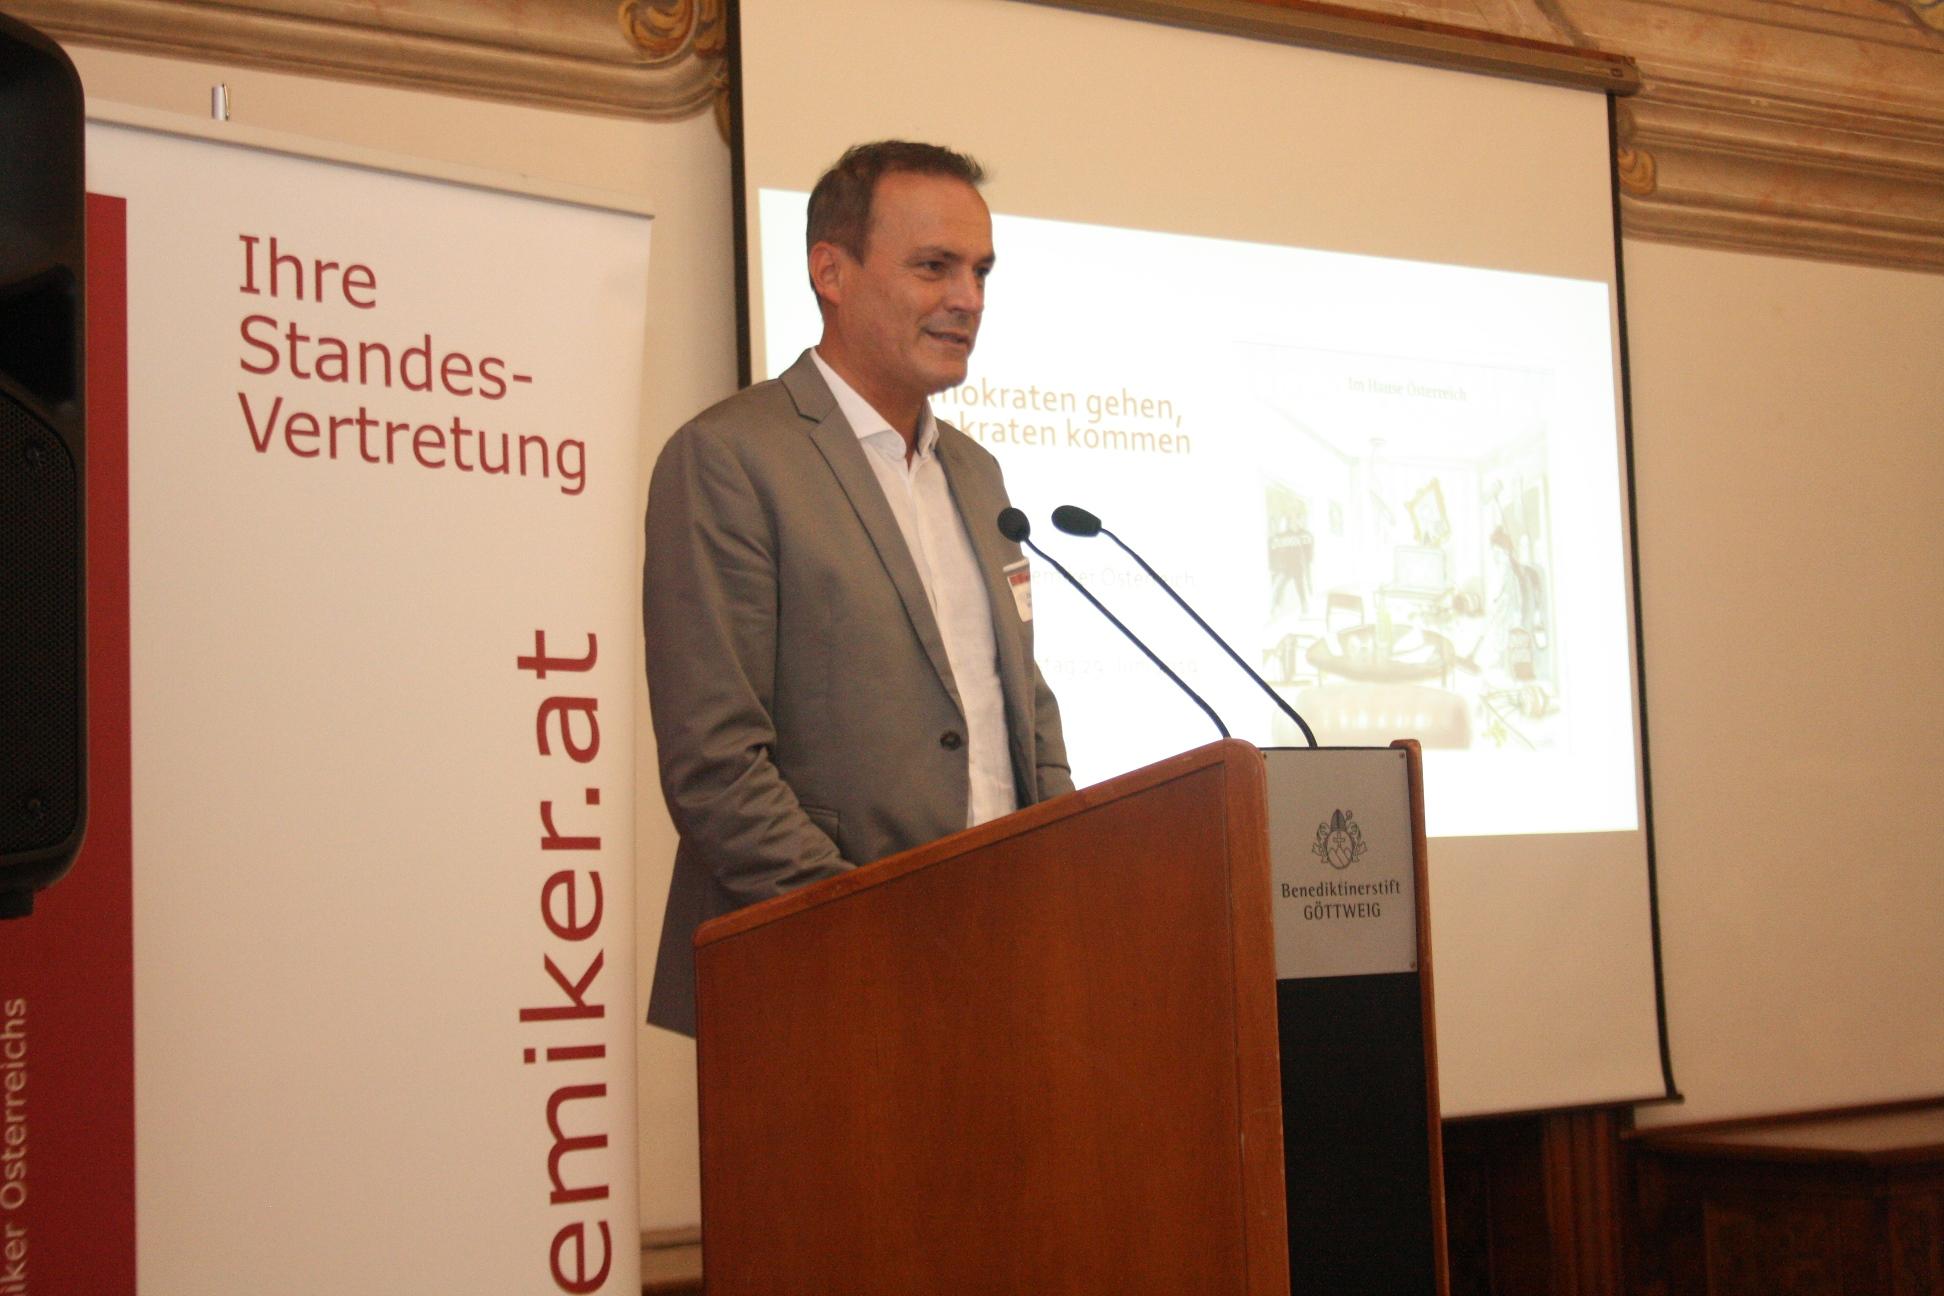 BM Dkfm. Müller bei der Ansprache